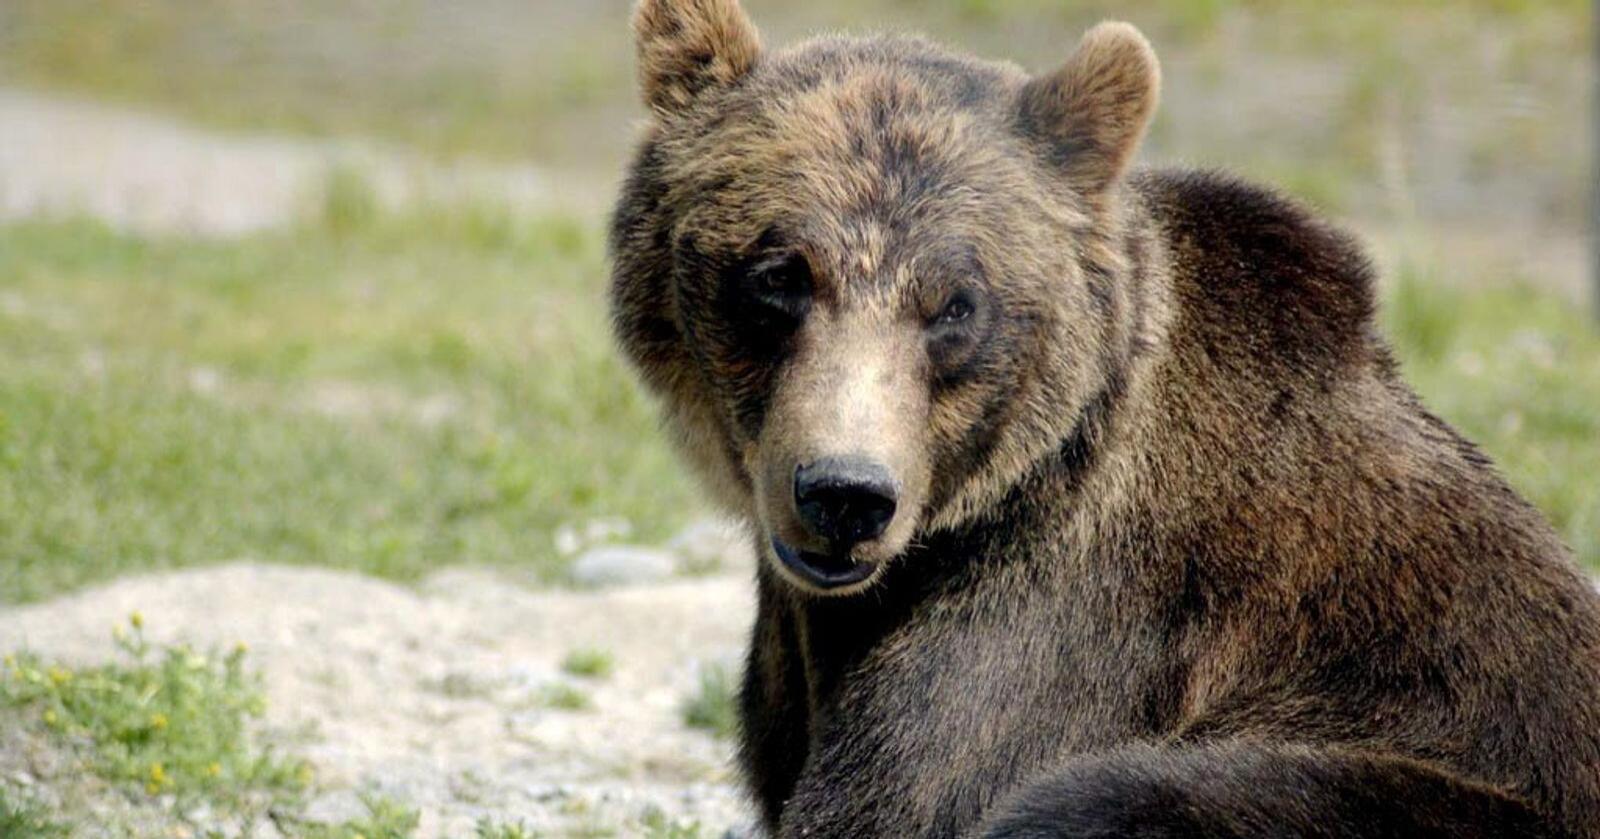 Det påviste tapet av sau til bjørn gikk ned fra 348 tilfeller i 2019 til 210 i 2020. Foto: Karen Laubenstein / Big Game Alaska/DLS